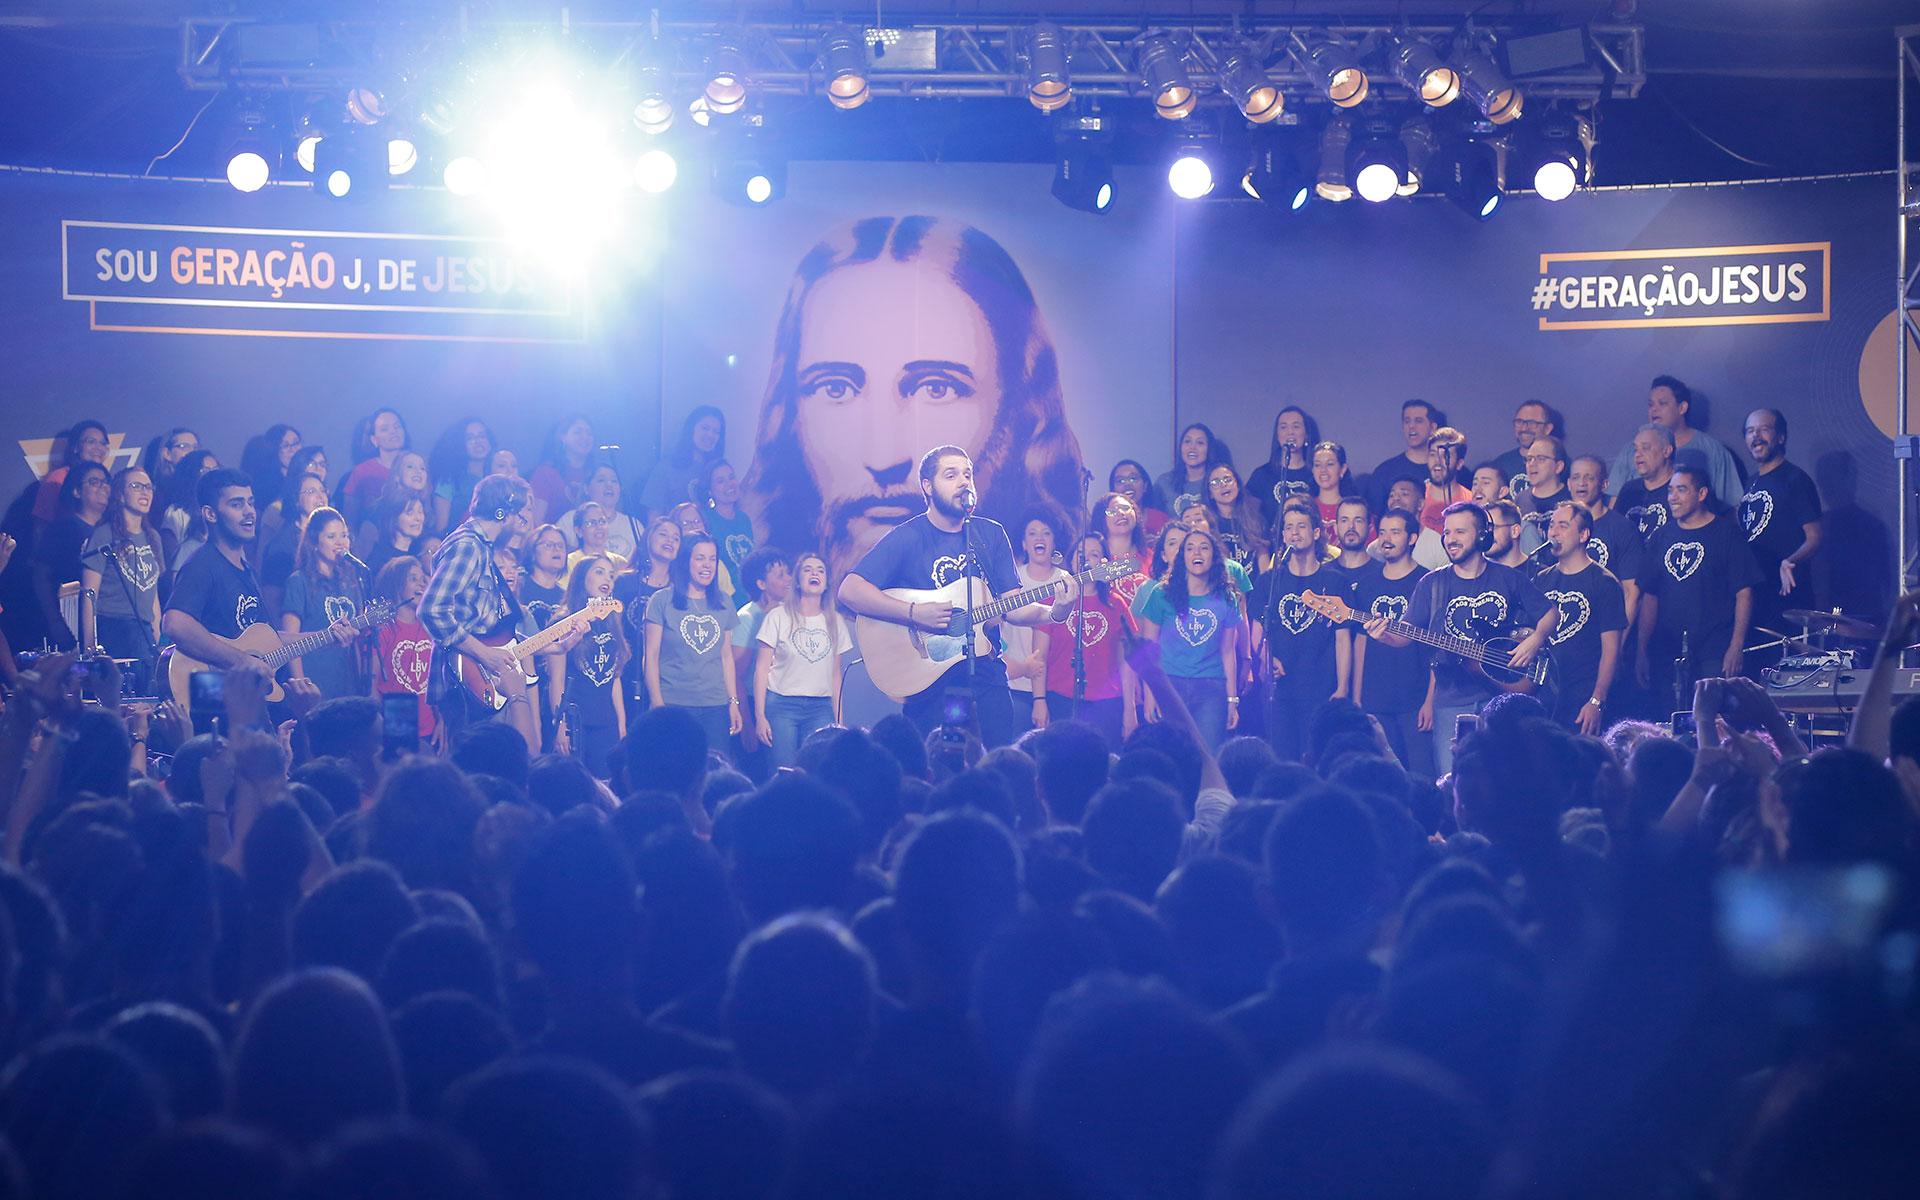 Brazilo — Kun diversaj muzikstiloj, uzante junulan lingvaĵon, la SpektakloGeneracio J, de Jesuo!prezentas komponaĵojn, kiuj laŭdas bonajn valorojn, surbaze de la instruoj de la Ĉiela Amiko, referenco pri Solidareco, Amo, Respekto kaj Justeco.